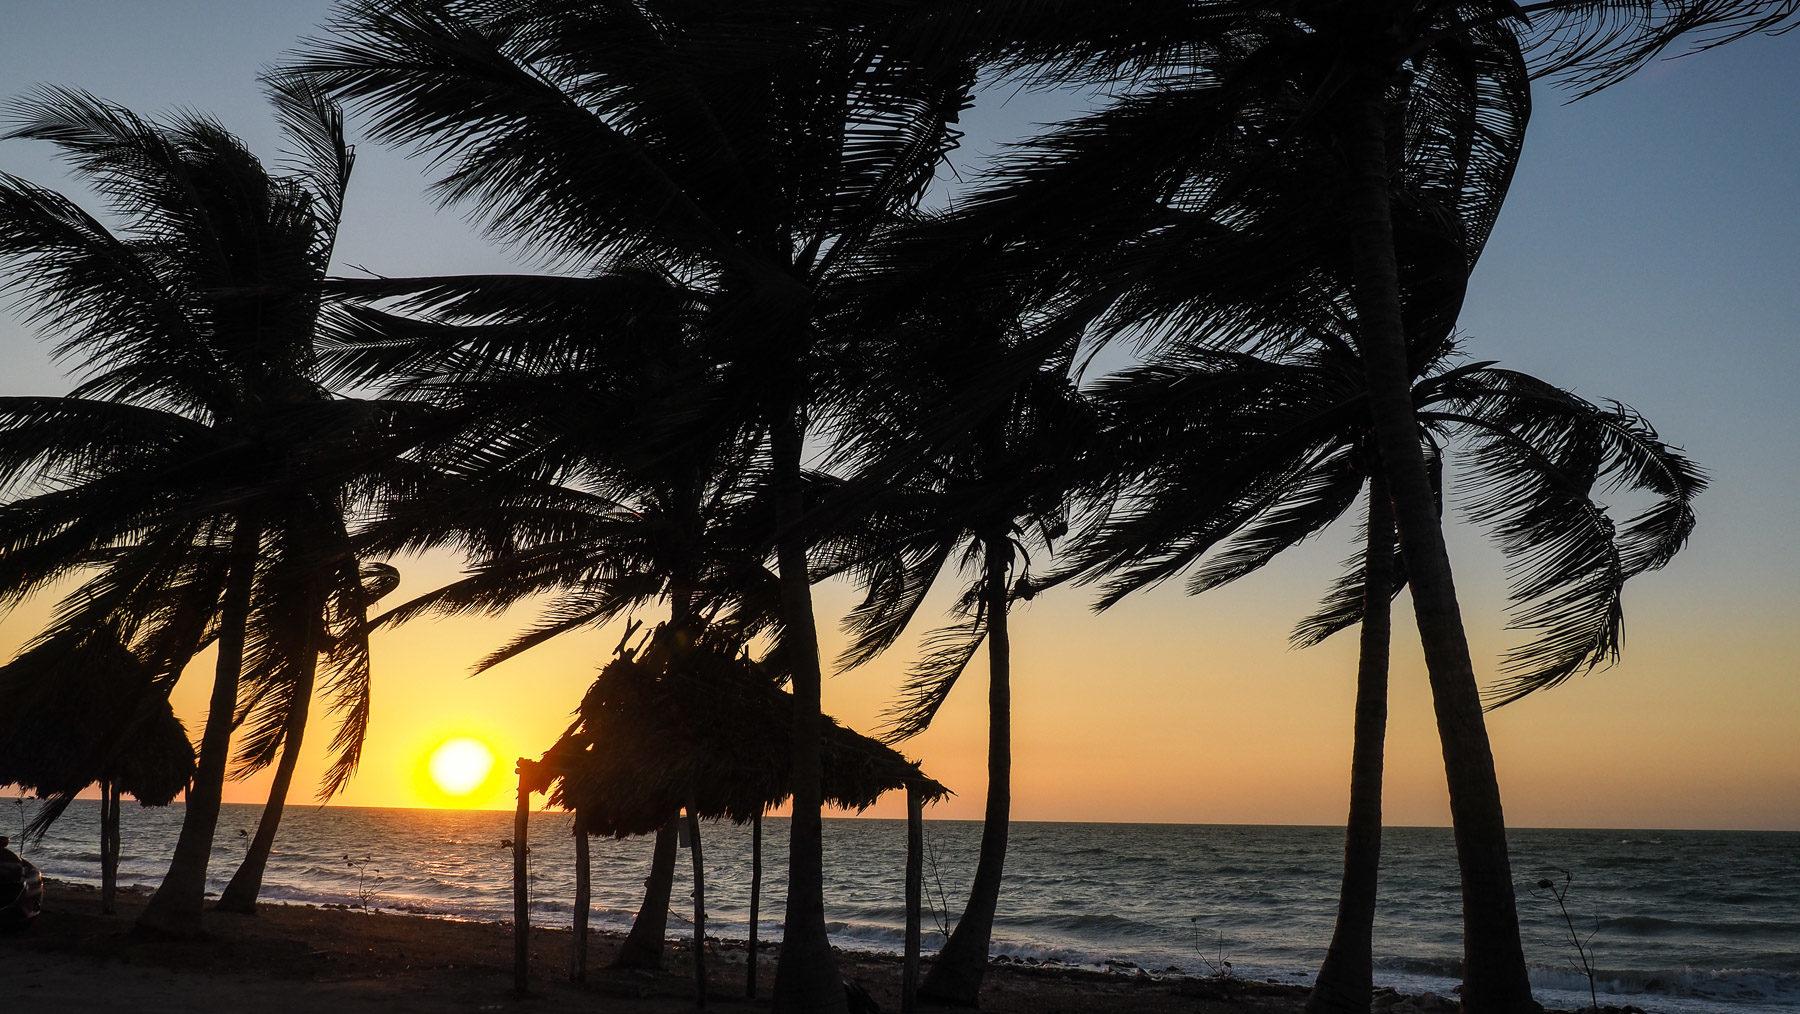 Angekommen auf der Yukatanhalbinsel